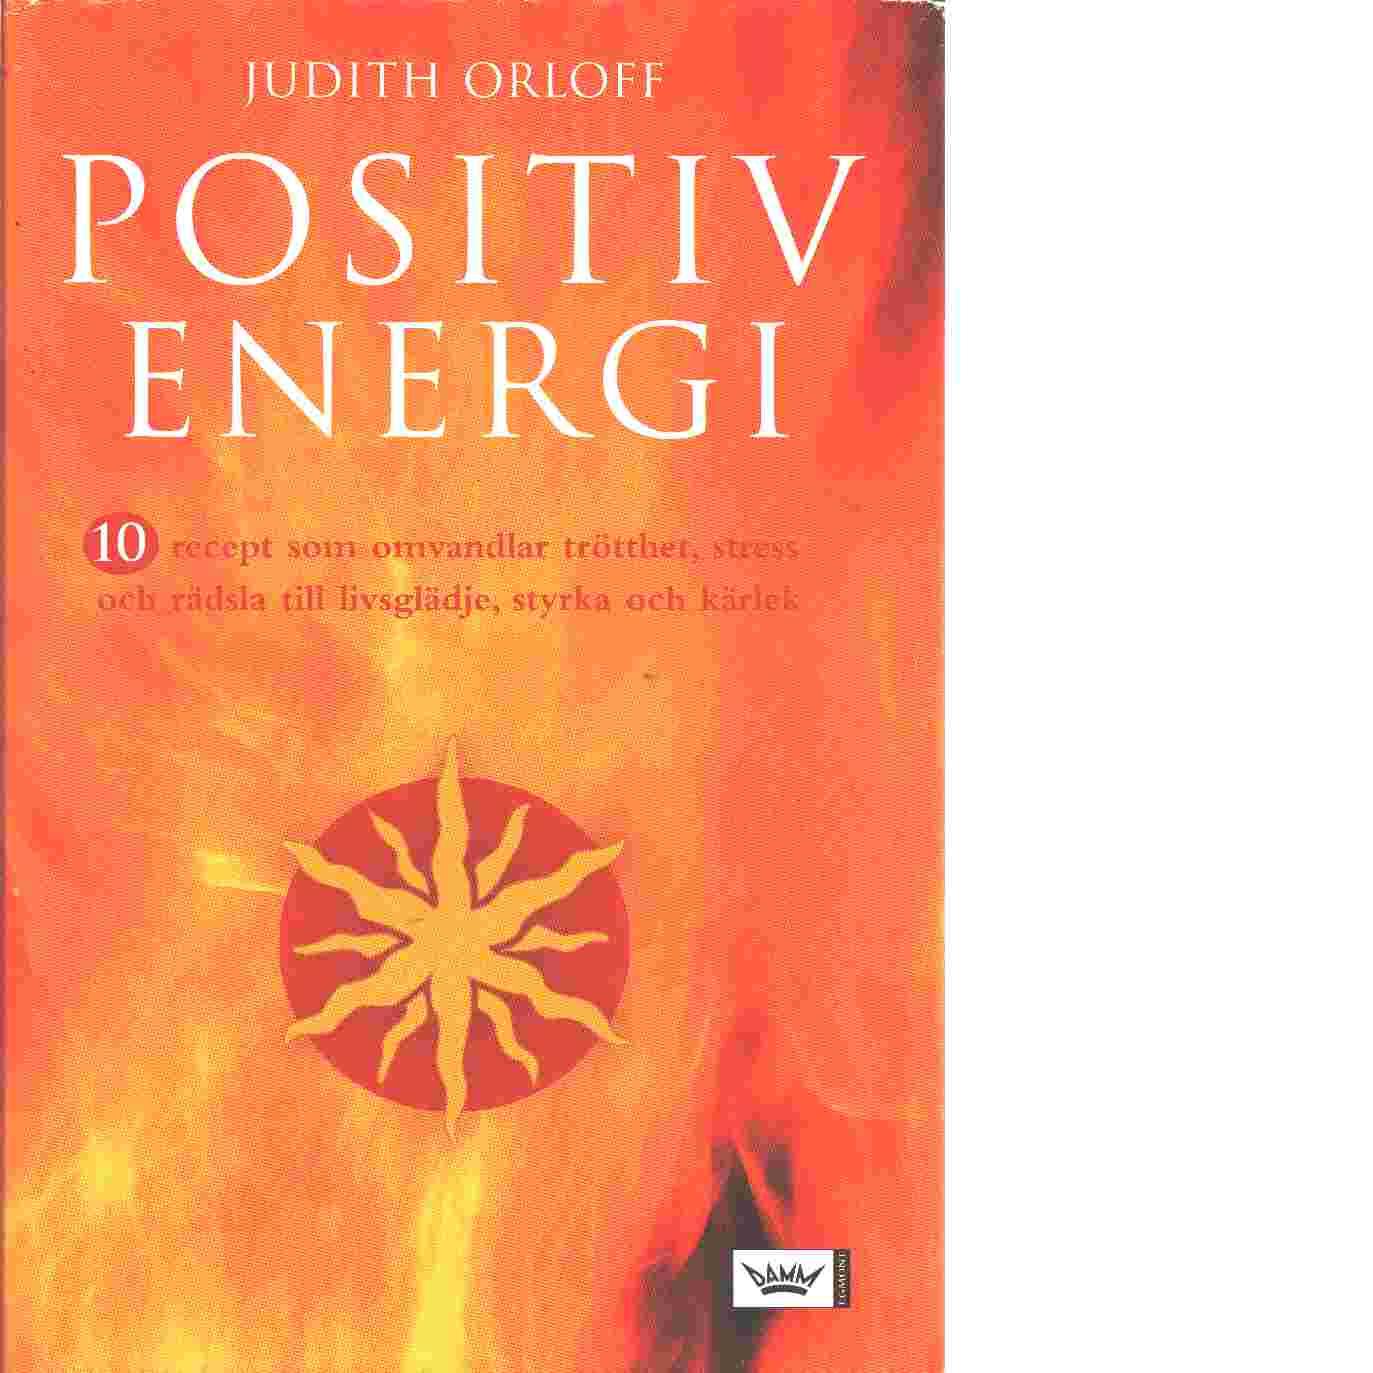 Positiv energi : 10 recept som omvandlar trötthet, stress och rädsla till livsglädje, styrka och kärlek - Orloff, Judith